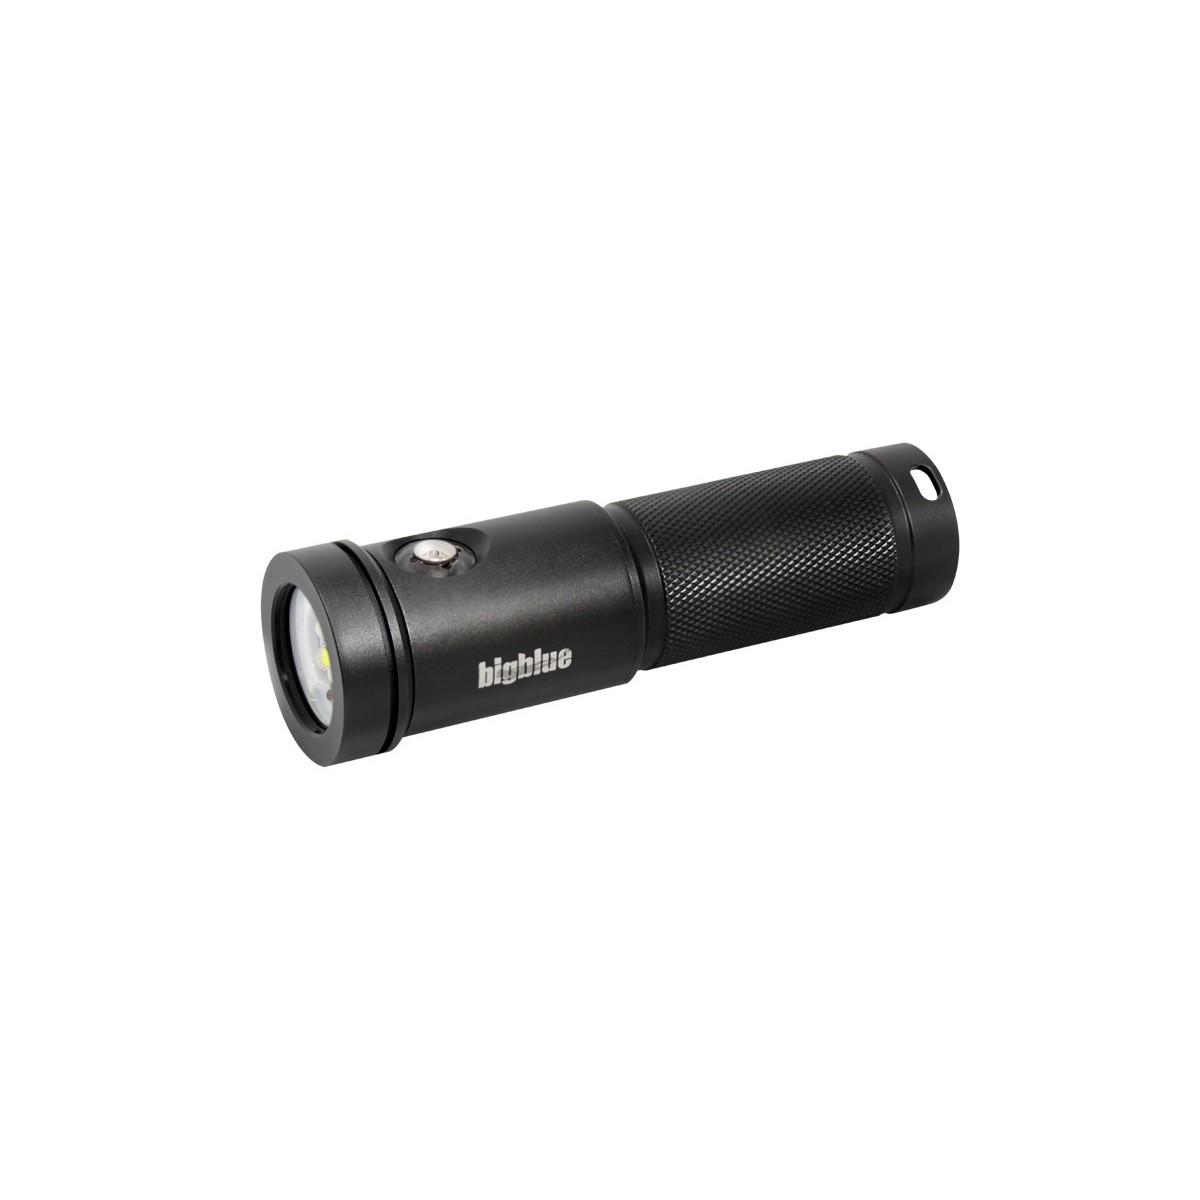 Bigblue 2600 Lumen Video Light(AL2600XWP)